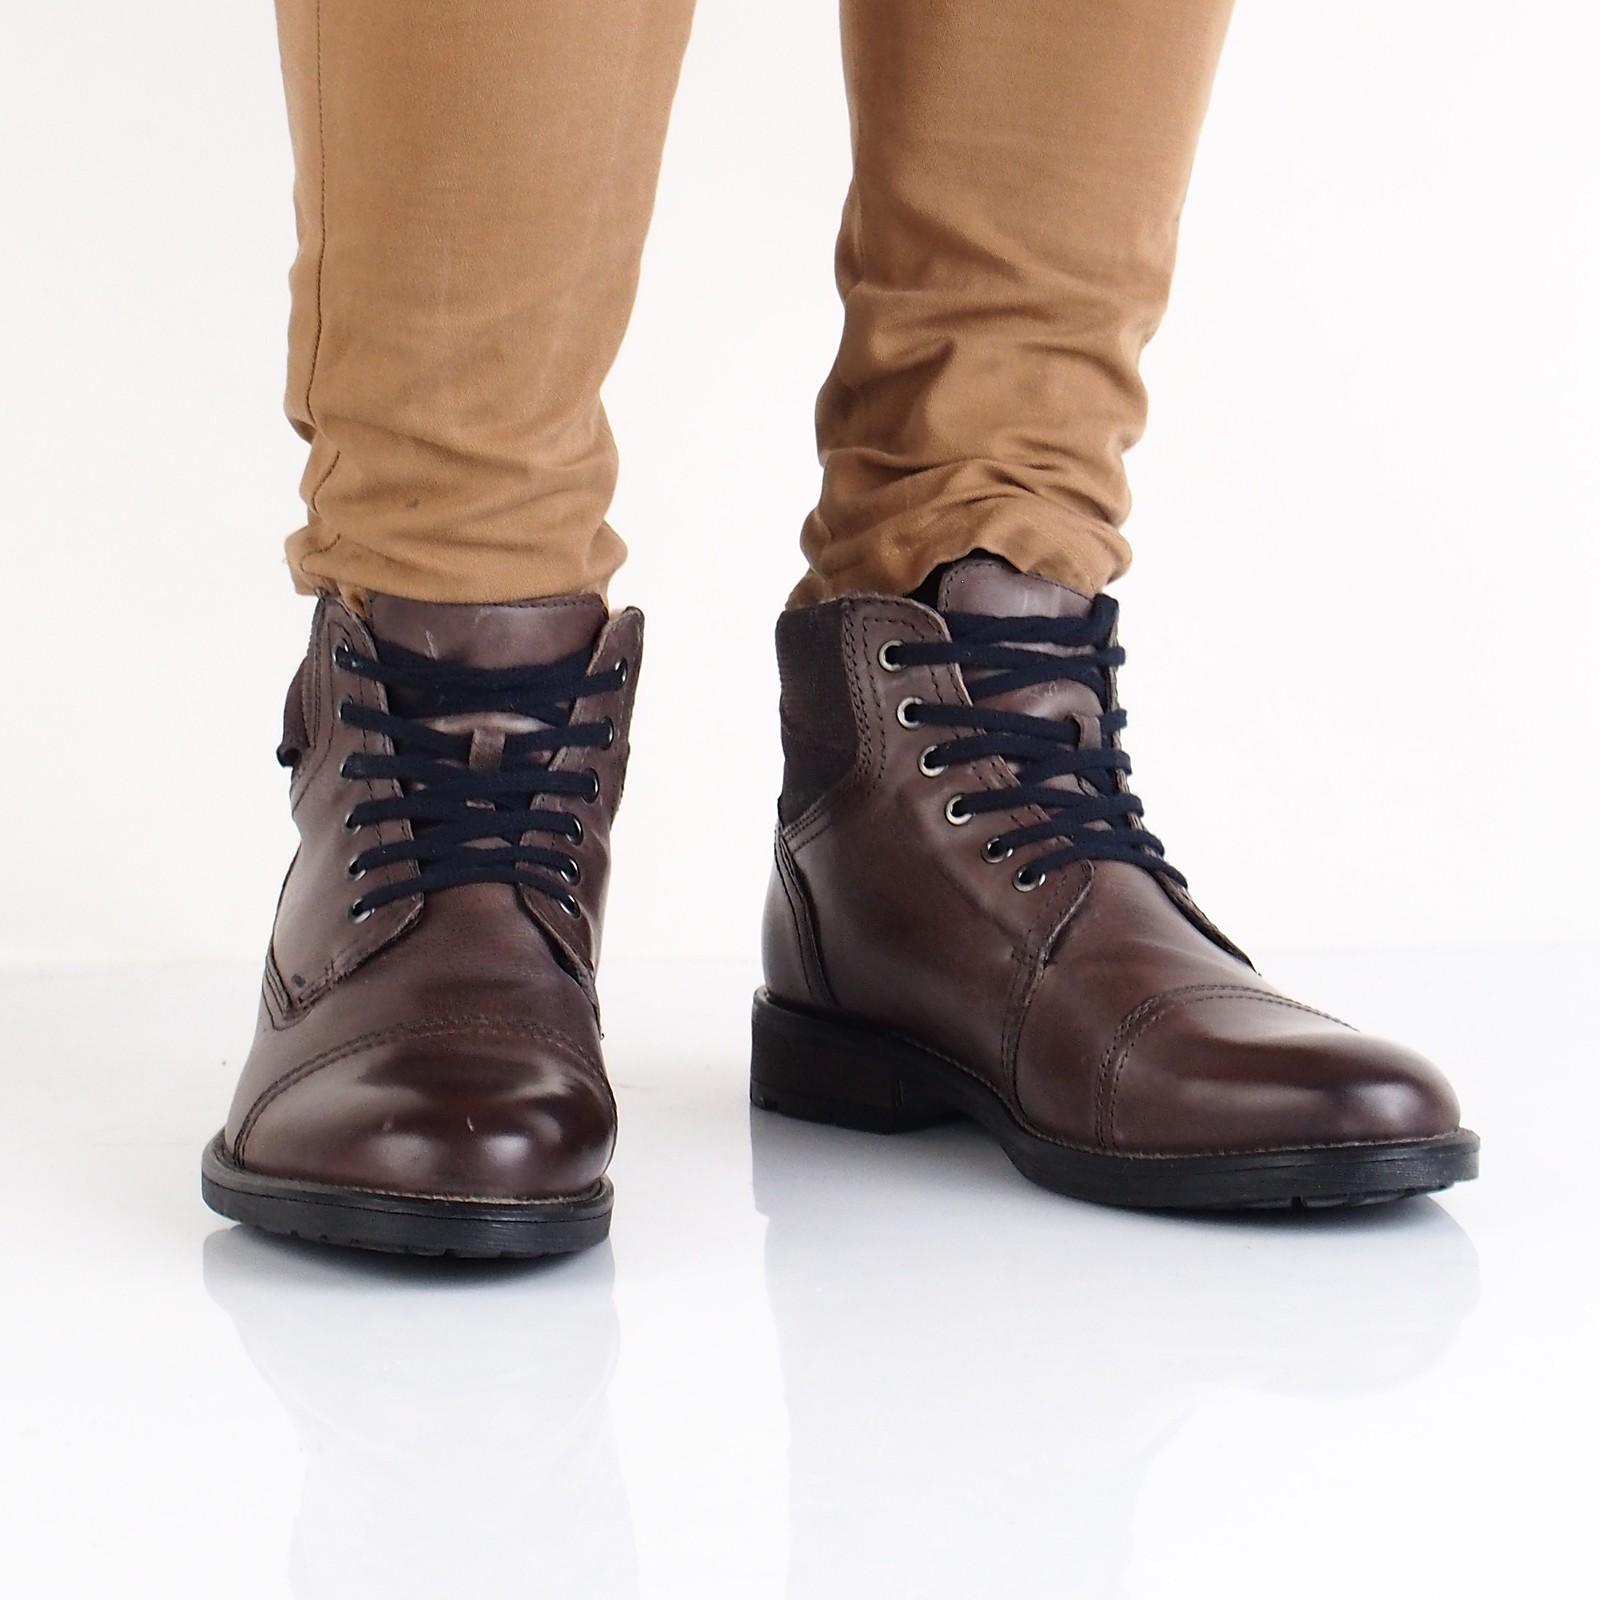 ea1bdd8205 Klondike pánska kožená členková obuv - hnedá ...